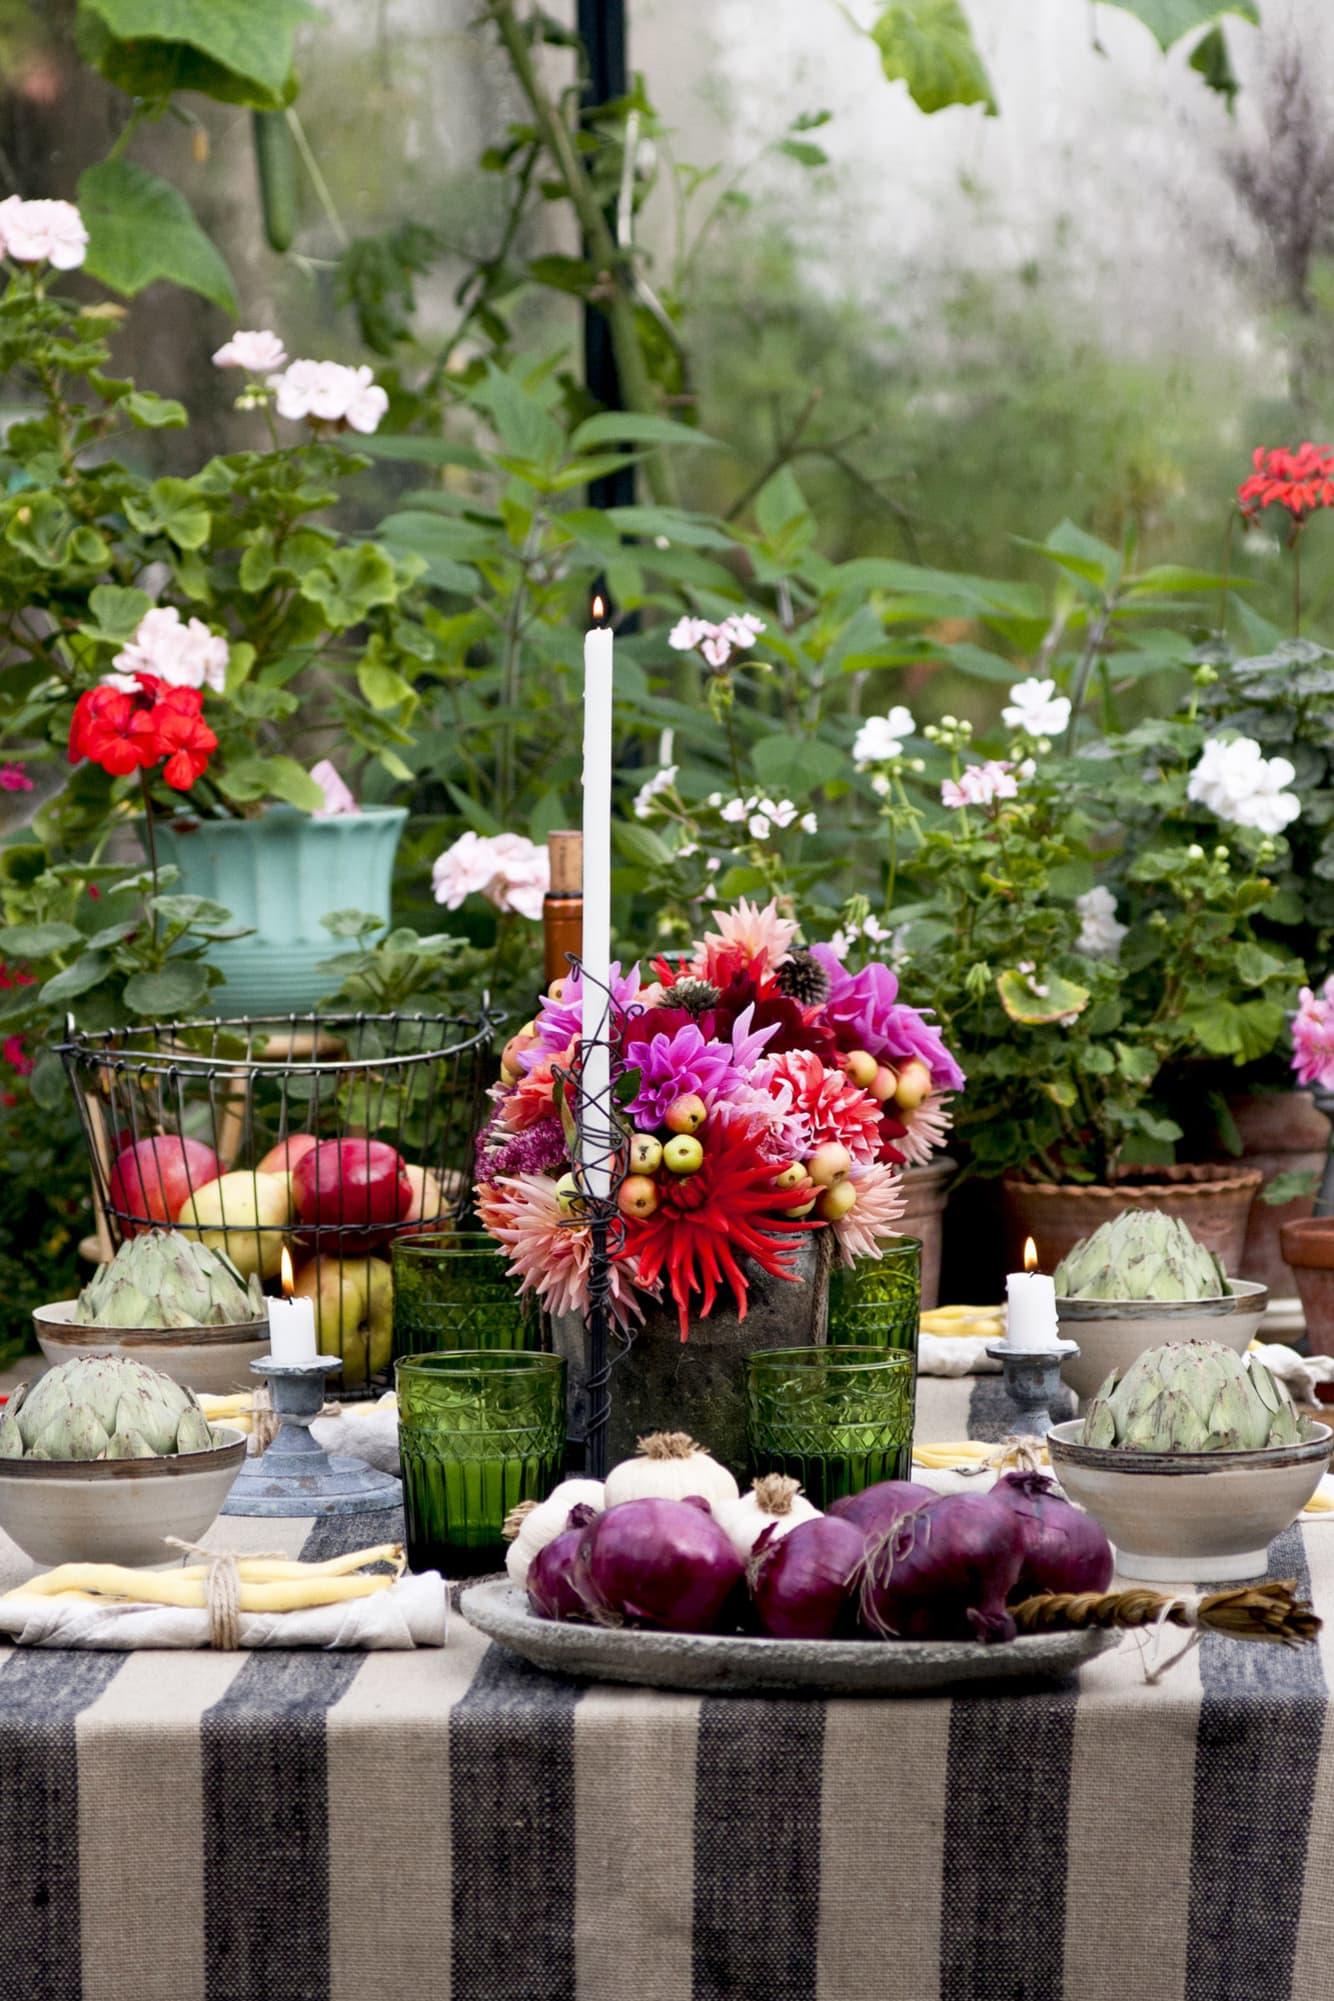 Plocka vad trädgården har att erbjuda i form av frukt, grönsaker och blommor. Bjud sedan in dina vänner och håll skördefest i växthuset med levande ljus och allt det goda.